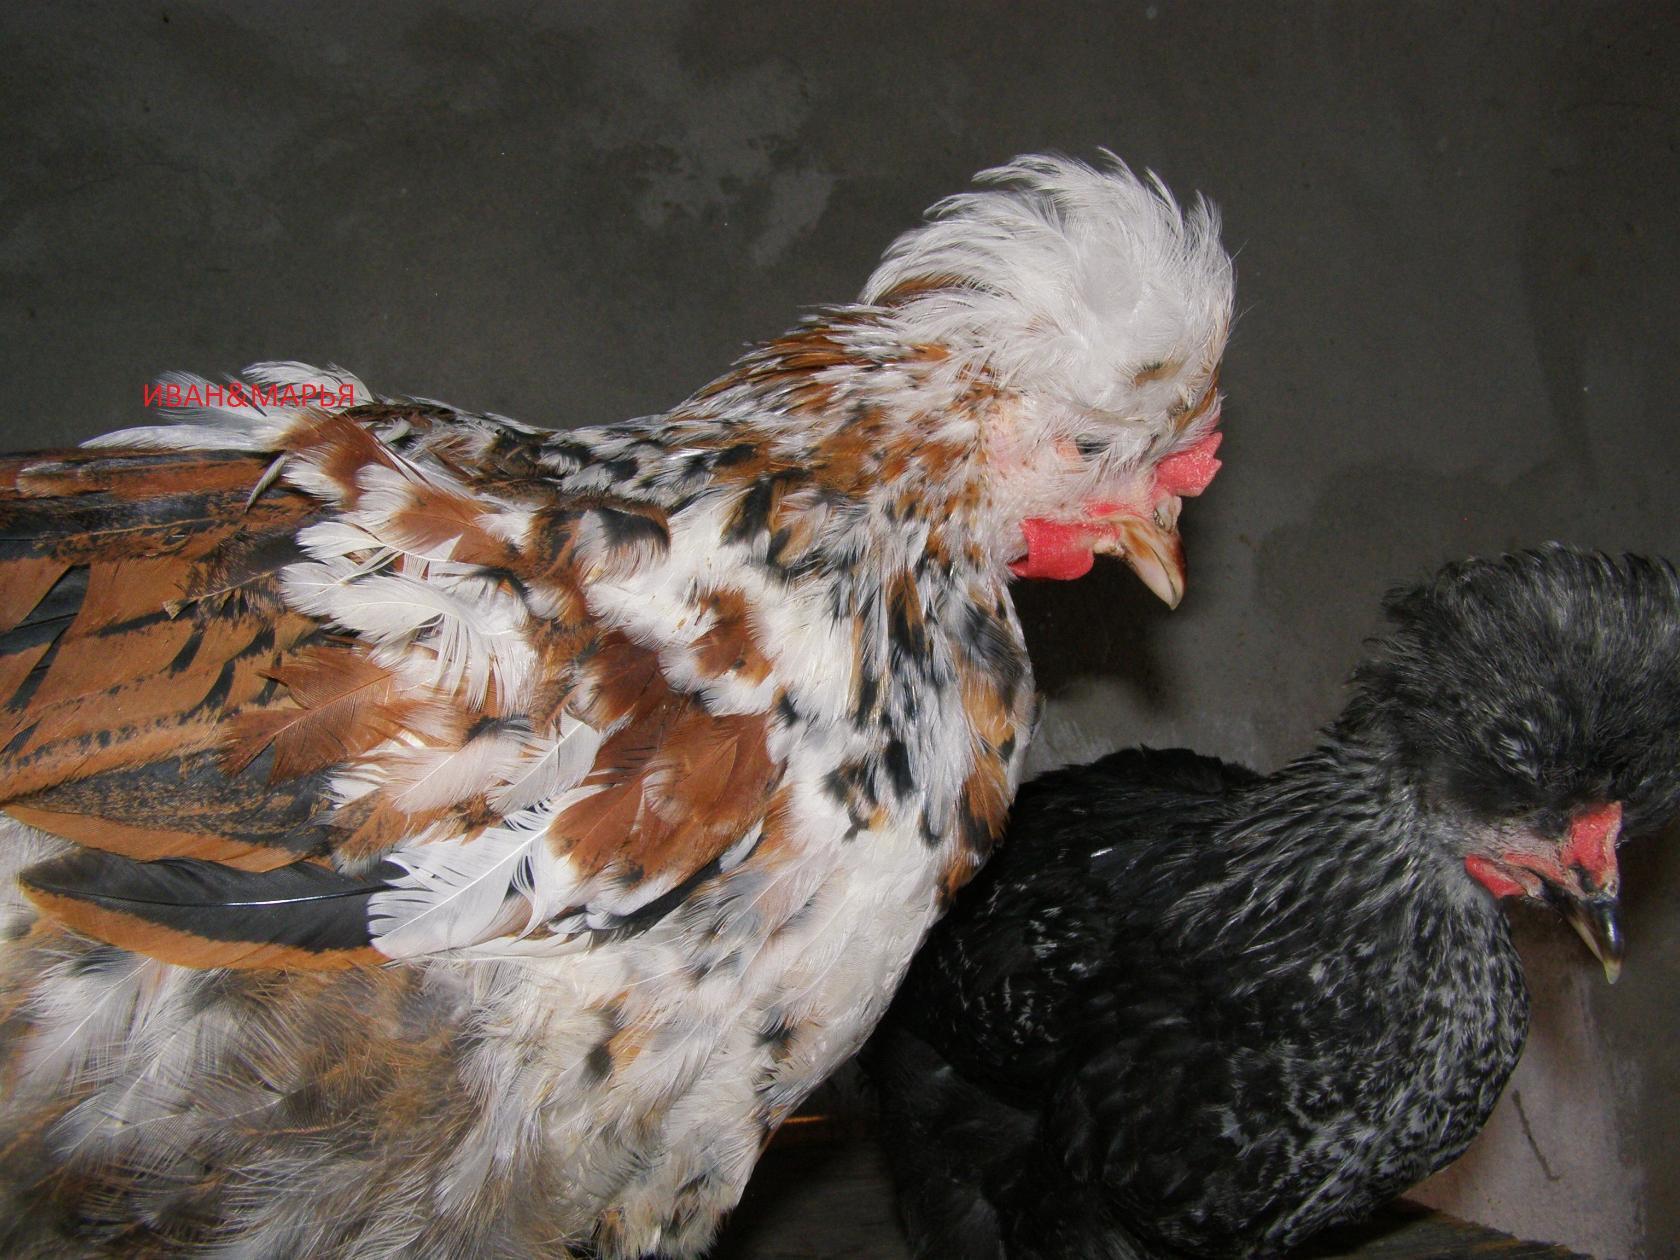 Русская хохлатая порода кур – описание, фото и видео